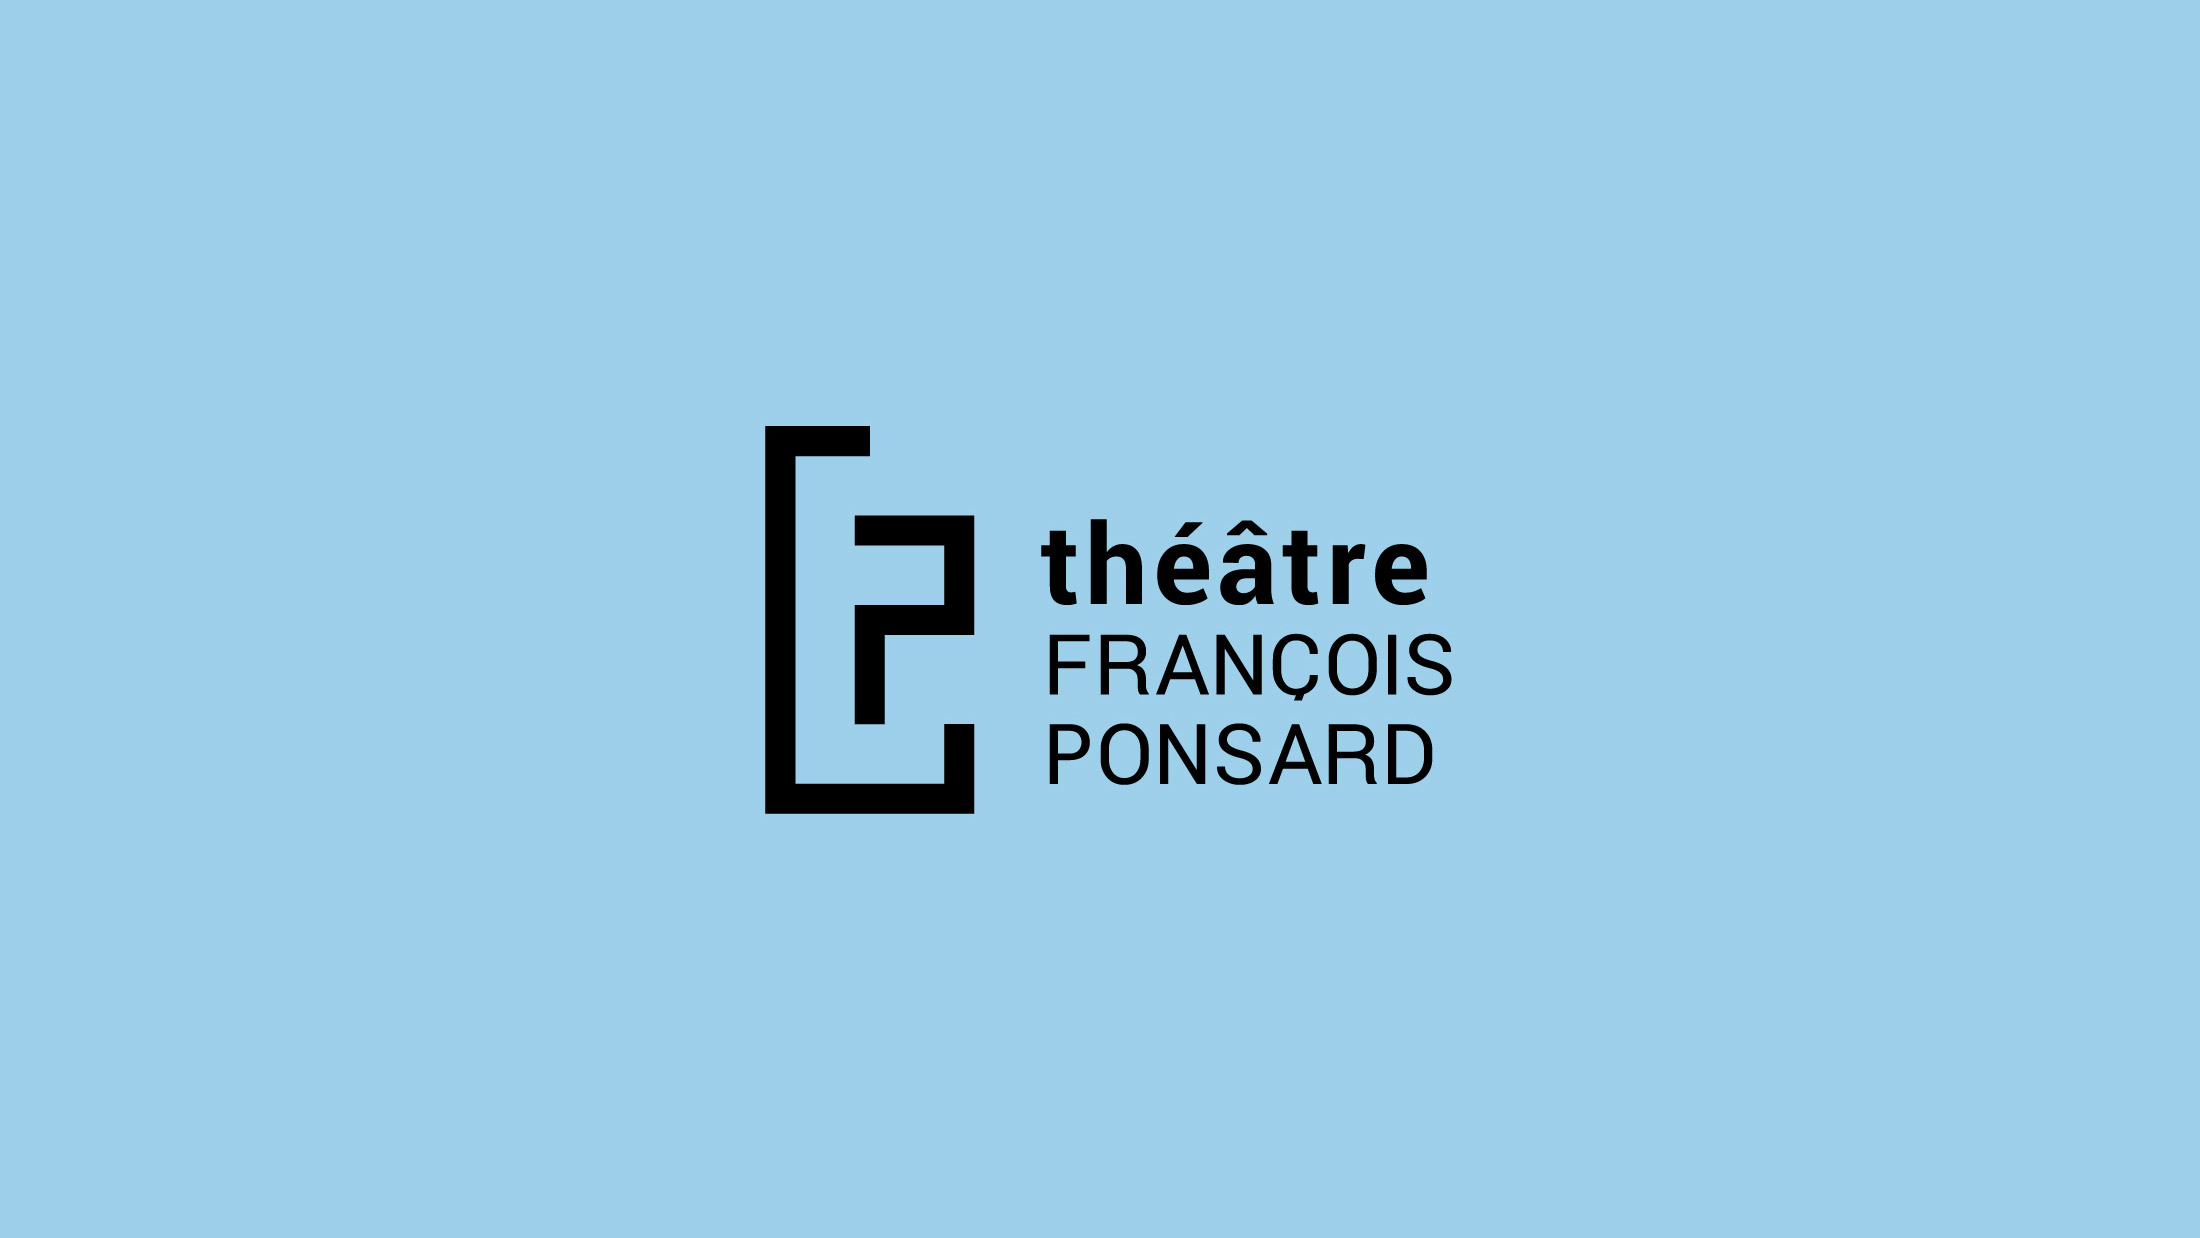 Le théâtre François Ponsard